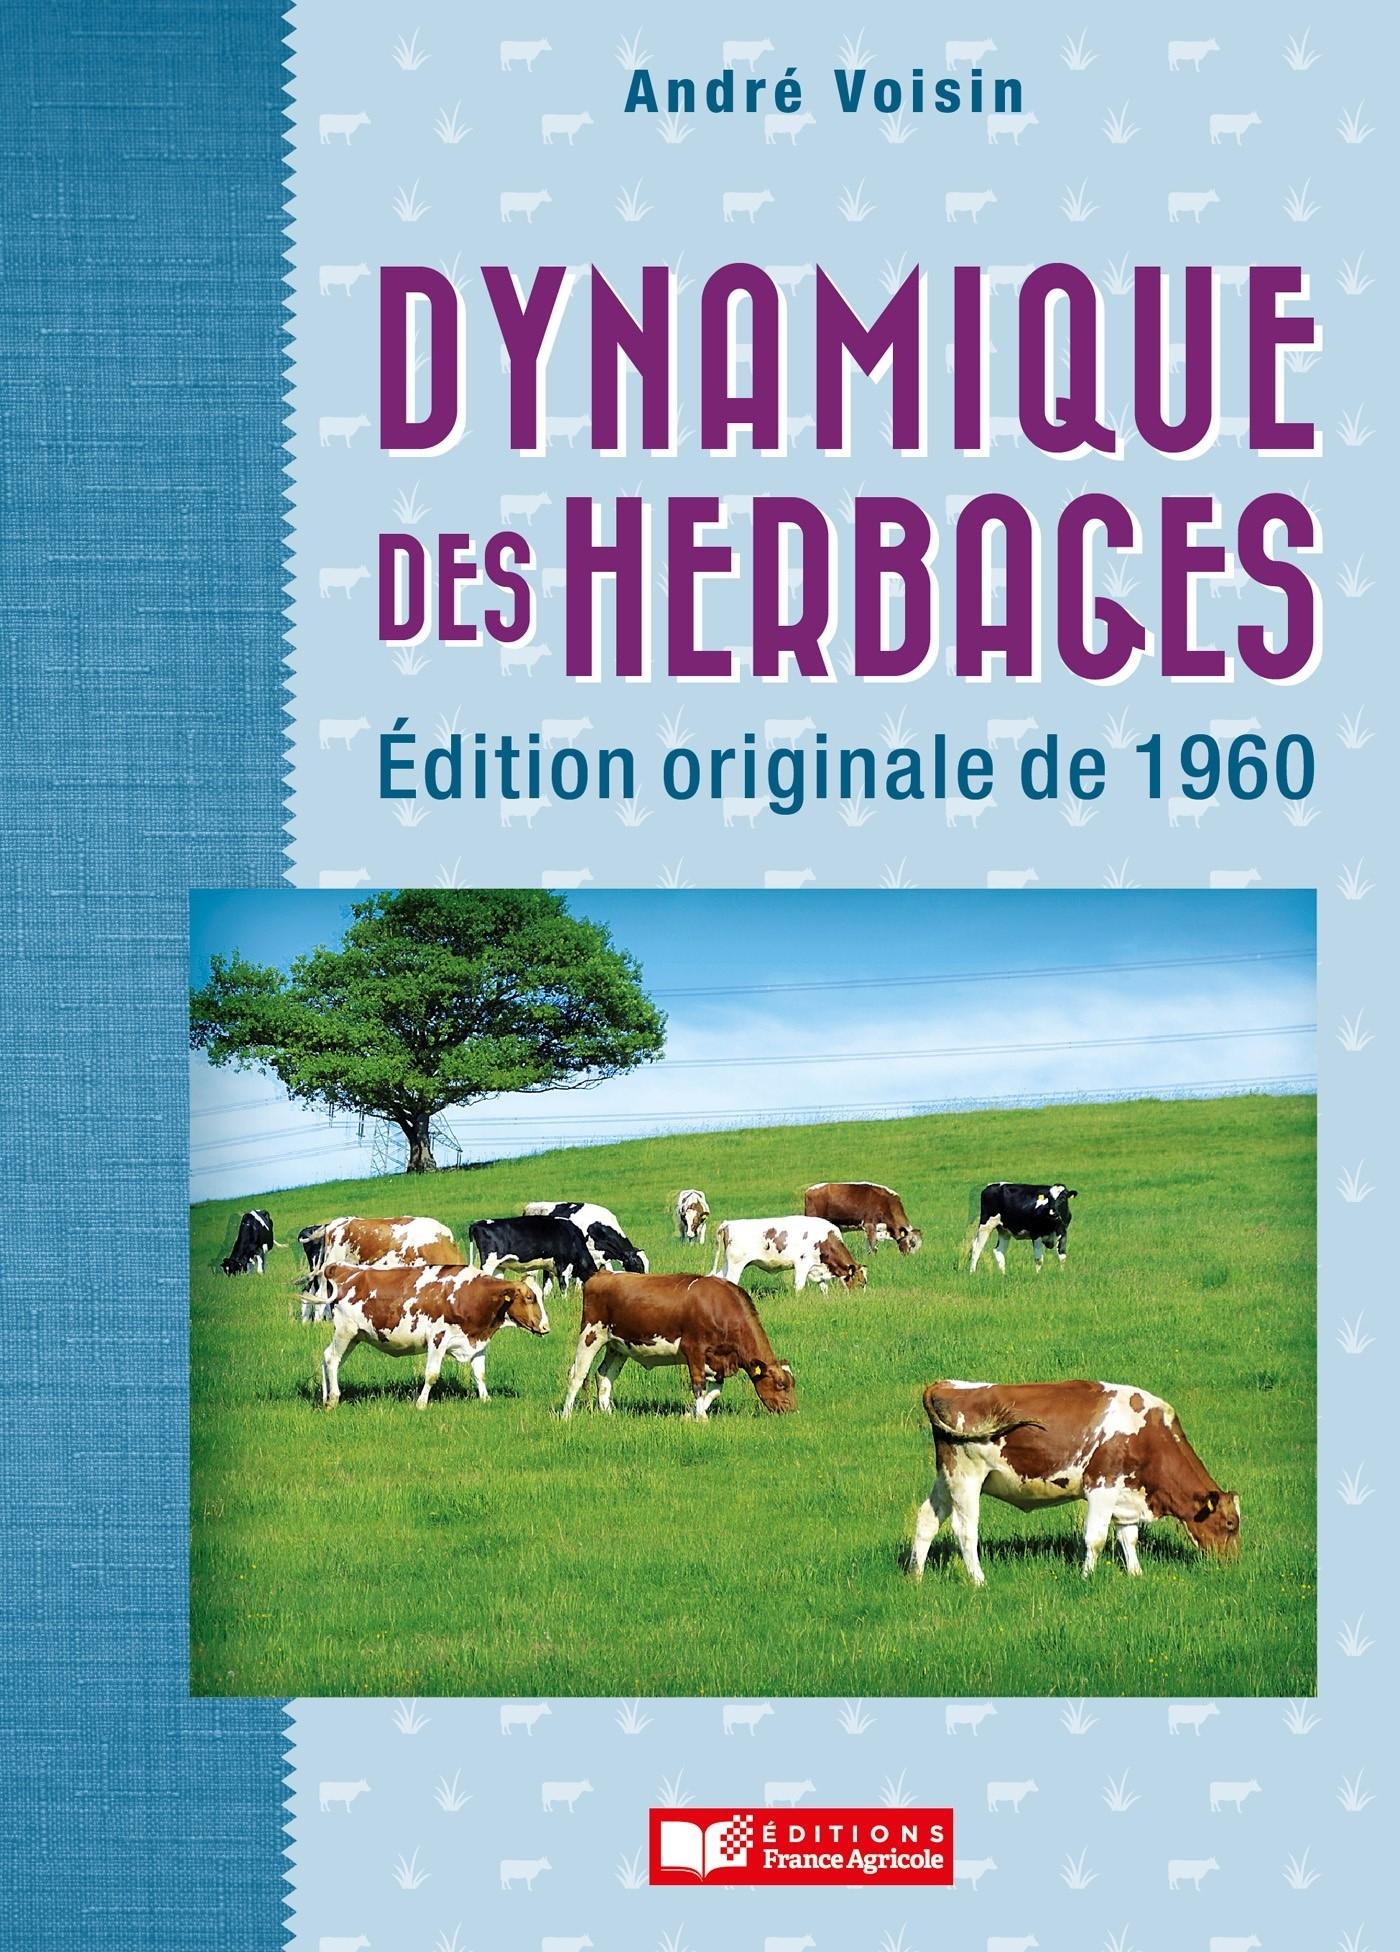 CAMPUS DYNAMIQUE DES HERBAGES